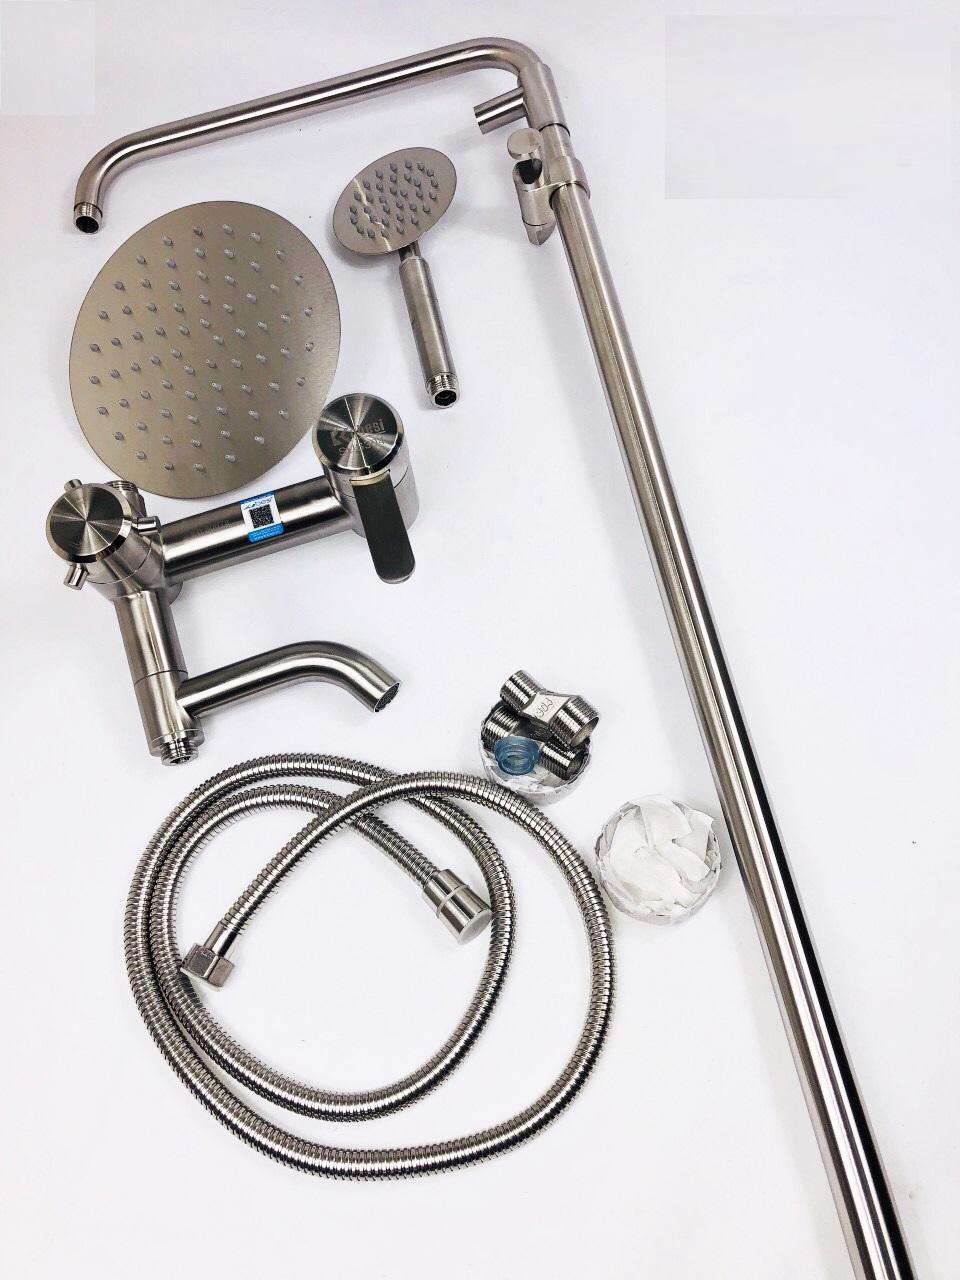 Bộ vòi sen cây phòng tắm Nóng lạnh đứng Inox SUS 304 cao cấp | Tiki.vn